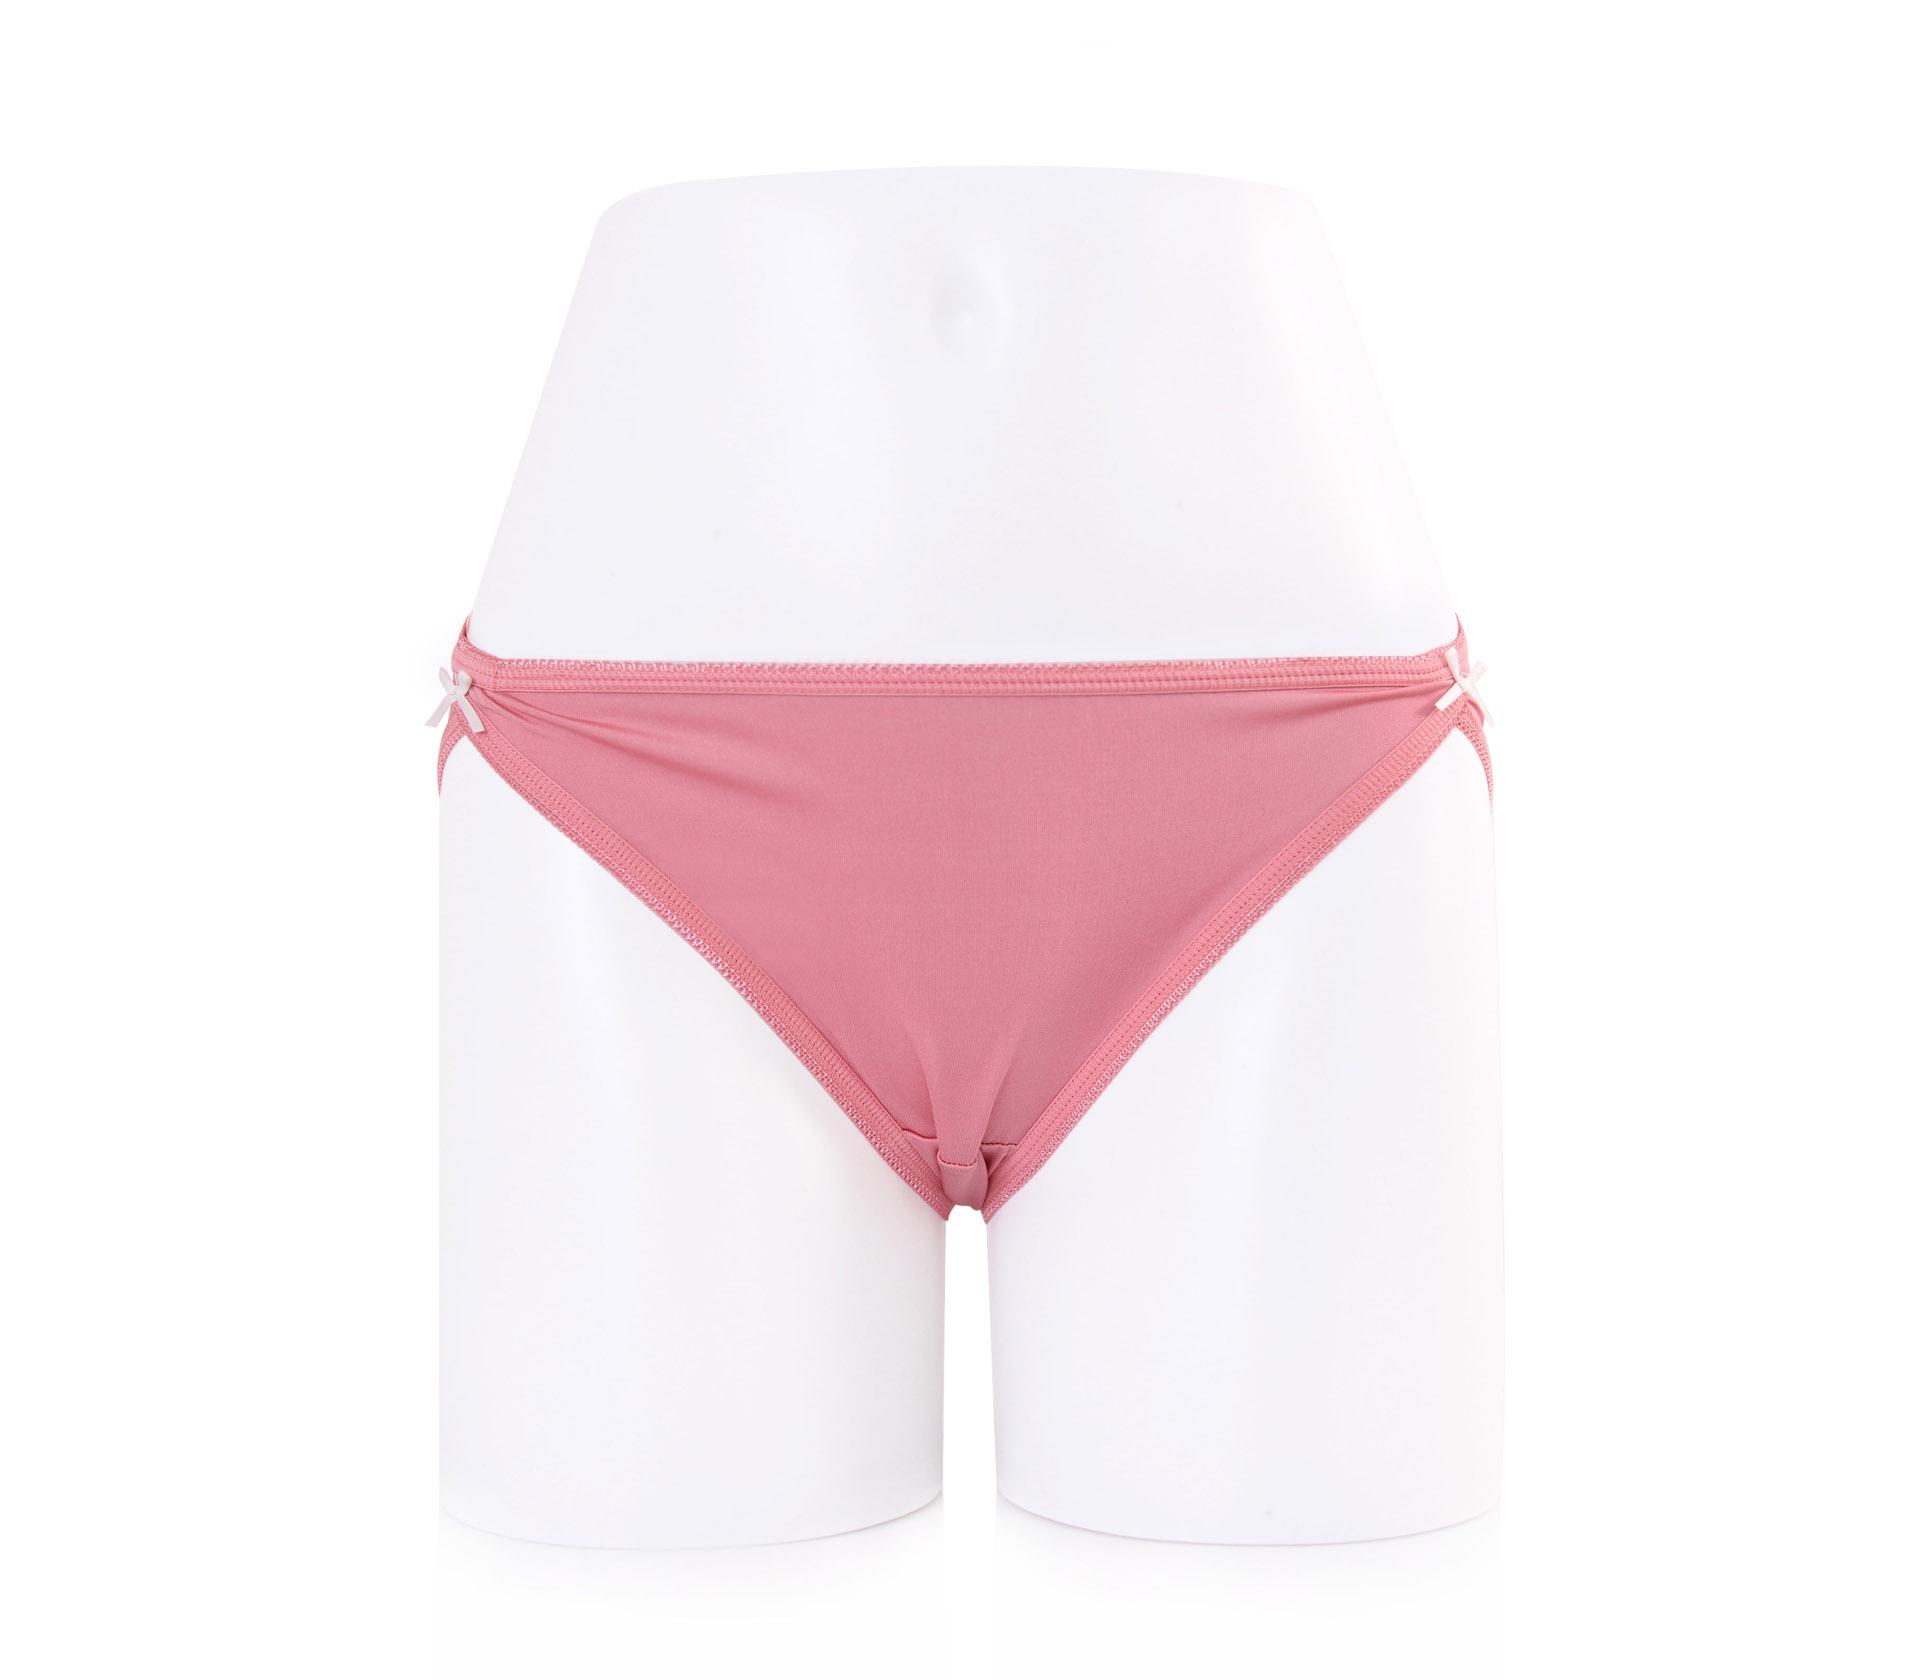 闕蘭絹性感高衩30針100%蠶絲內褲-2222(粉)